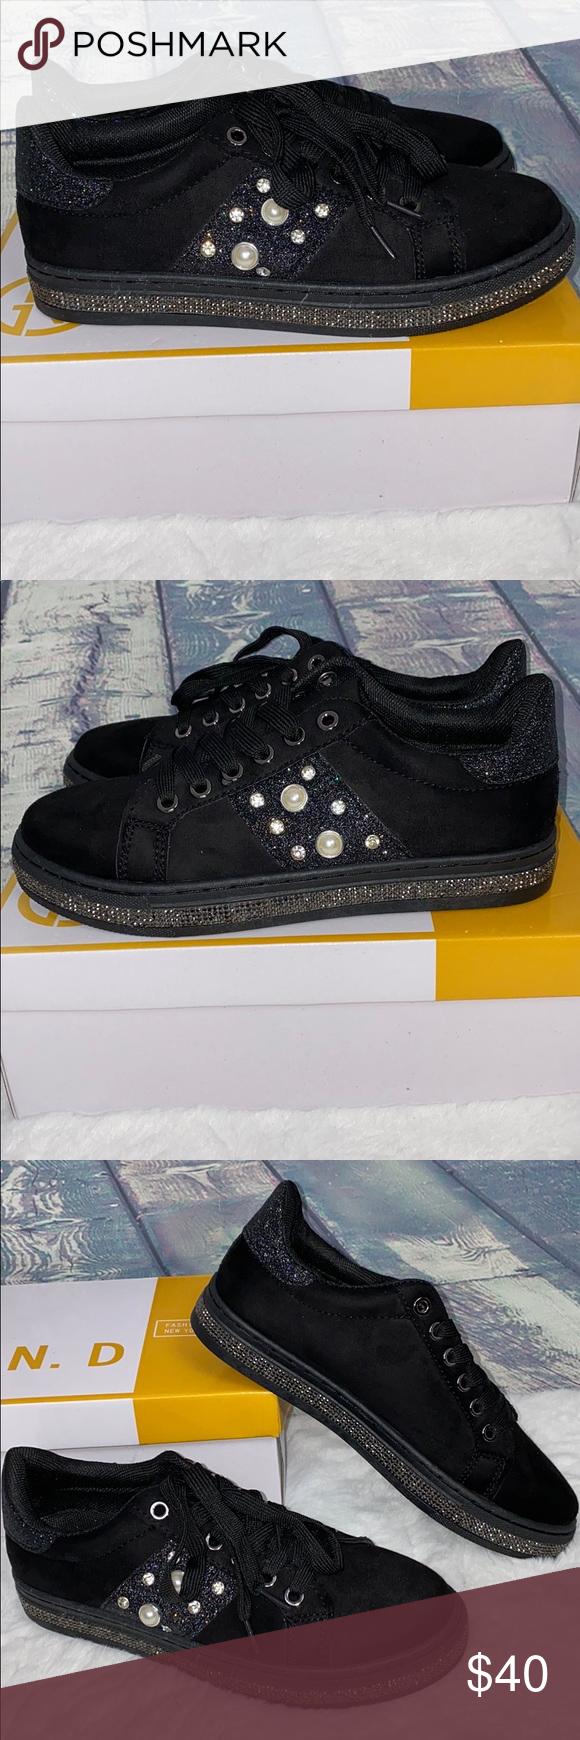 fashion black rhinestone sneakers 7